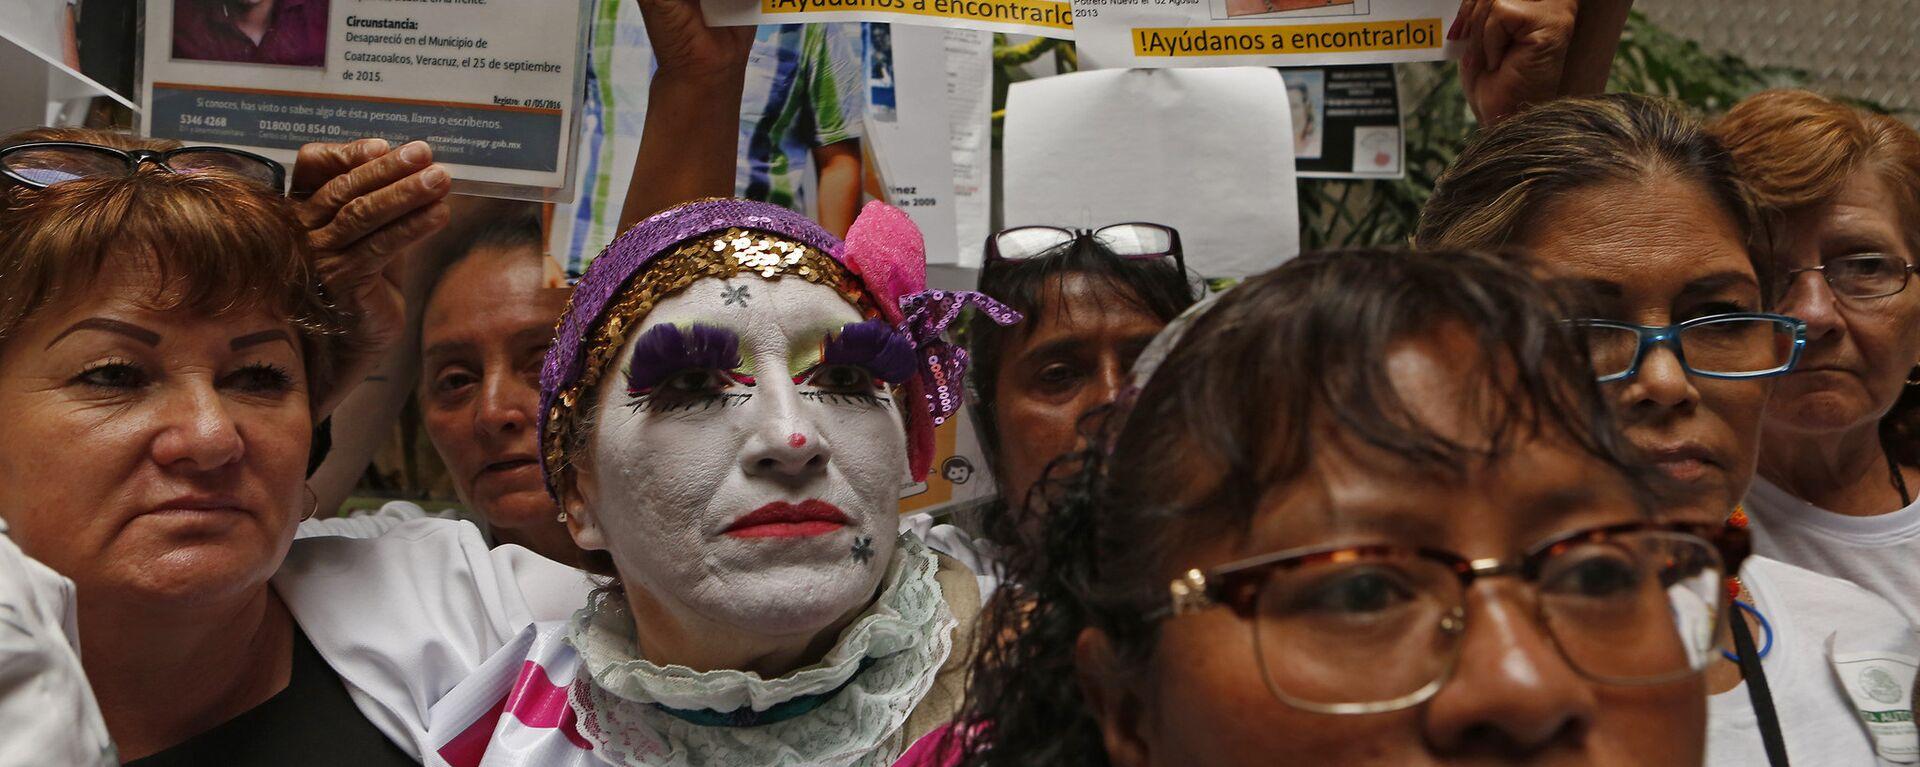 Madres de desaparecidos en México - Sputnik Mundo, 1920, 04.03.2019